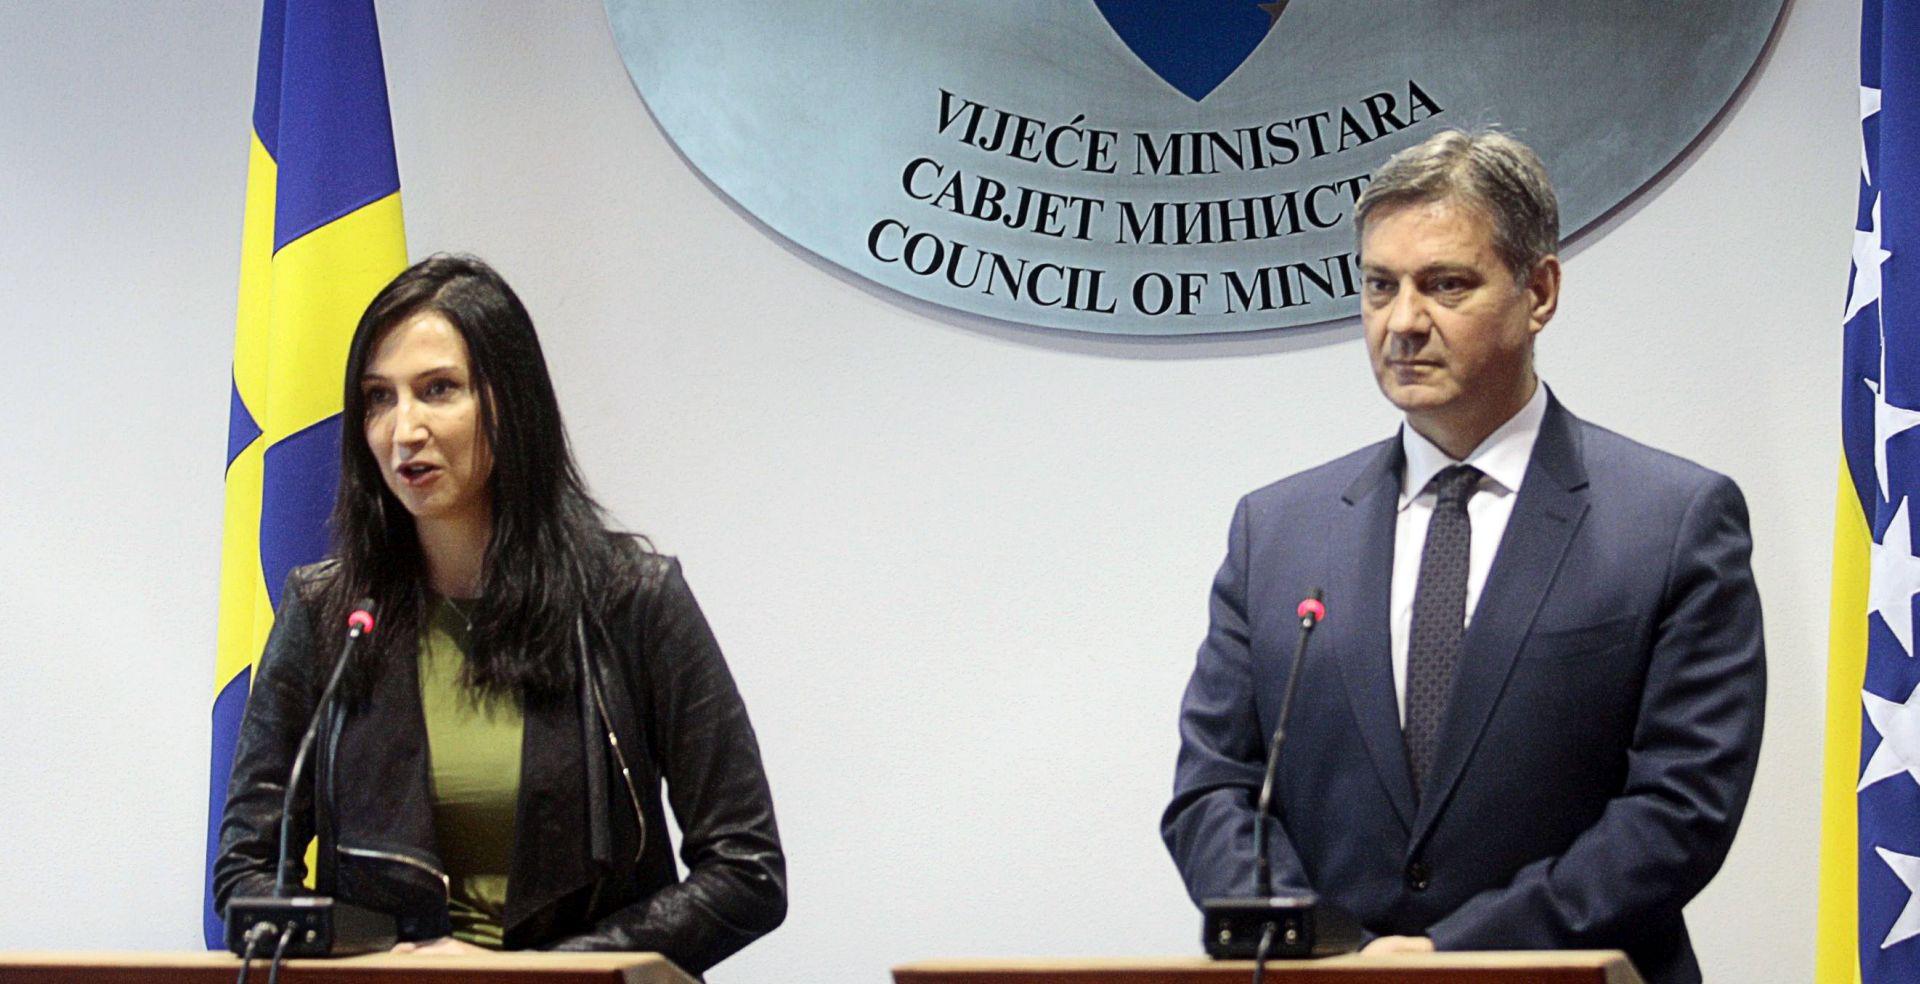 """DENIS ZVIZDIĆ """"Ne mogu vjerovati kako je oslobođen netko tko je sudjelovao u agresiji"""""""